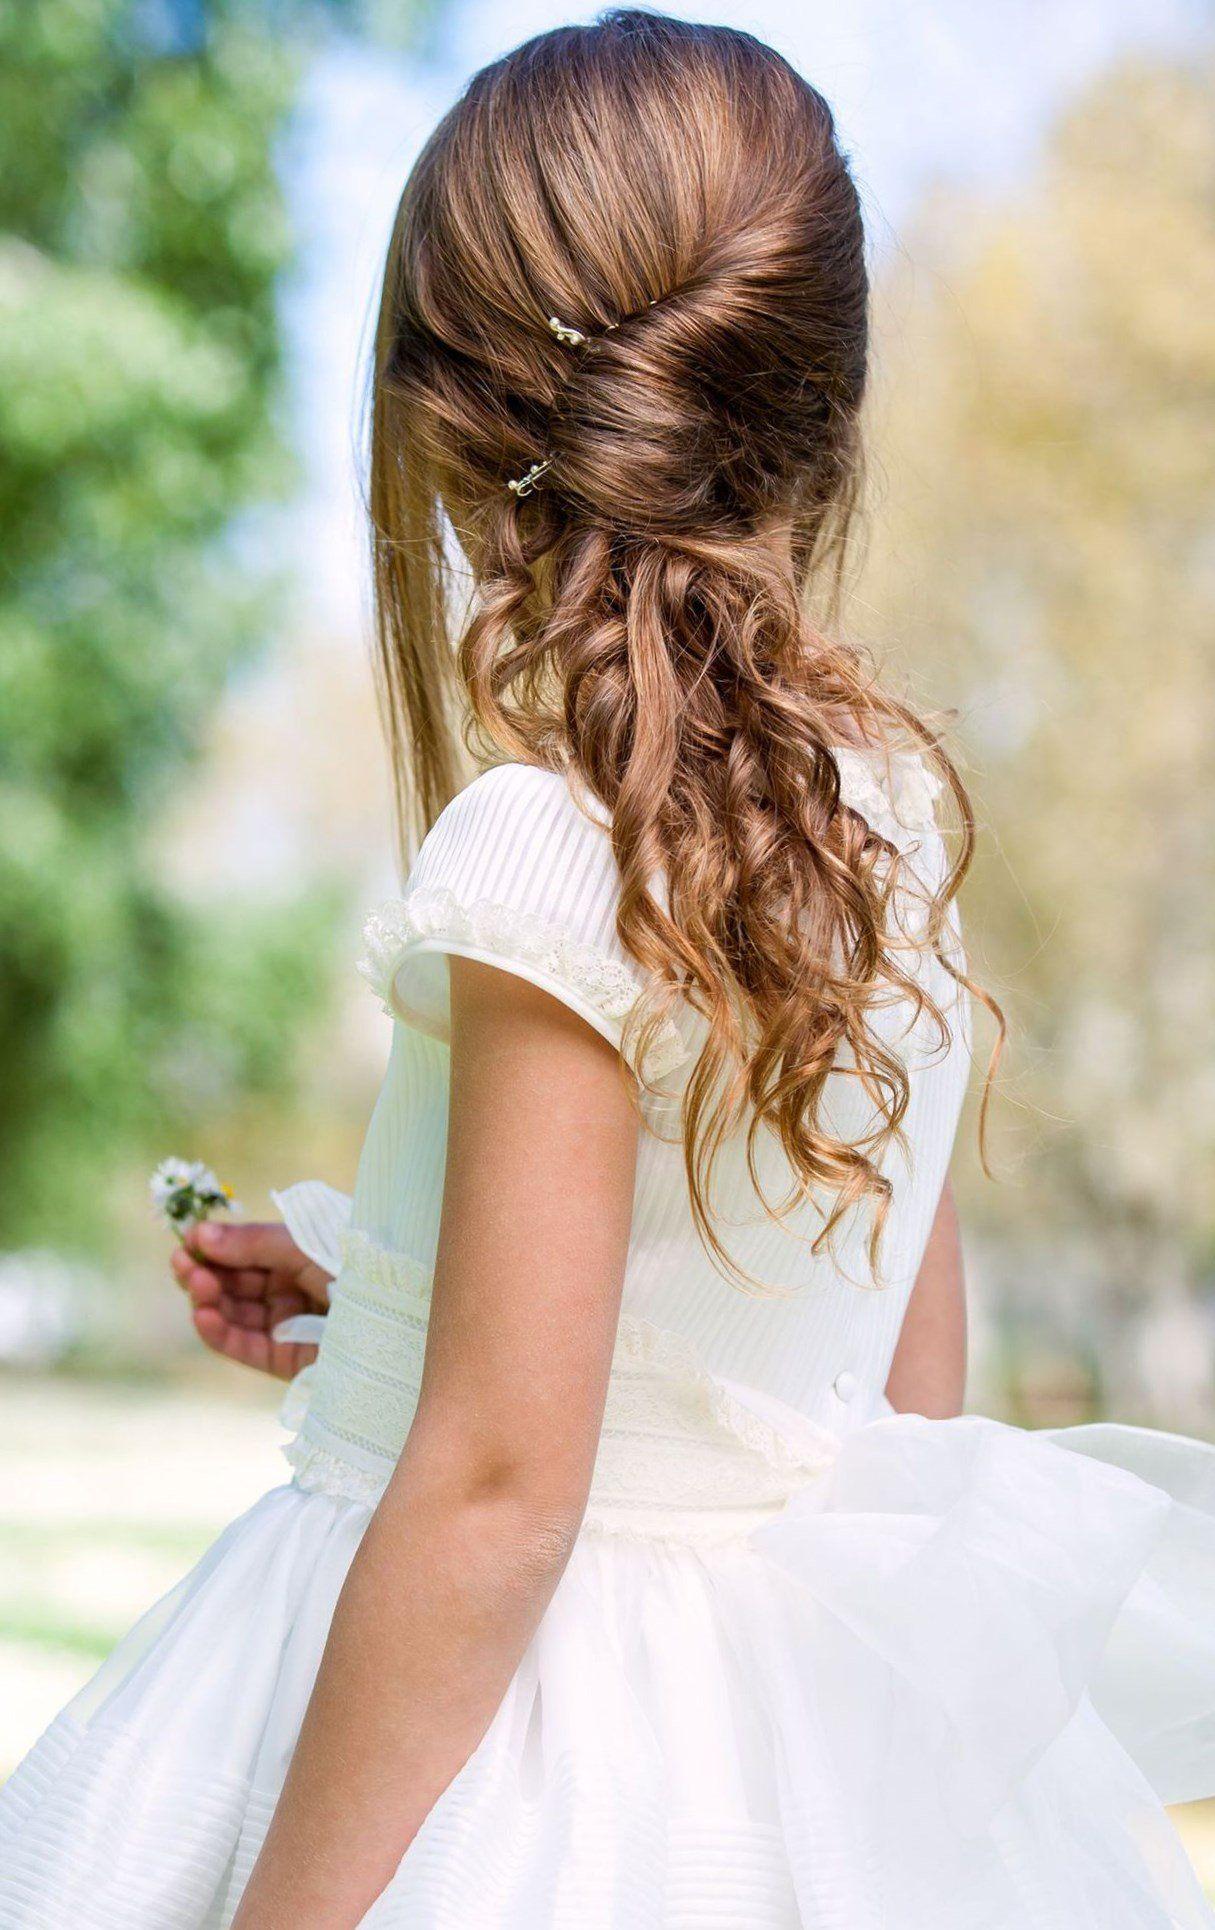 21+ Petite fille dhonneur coiffure le dernier